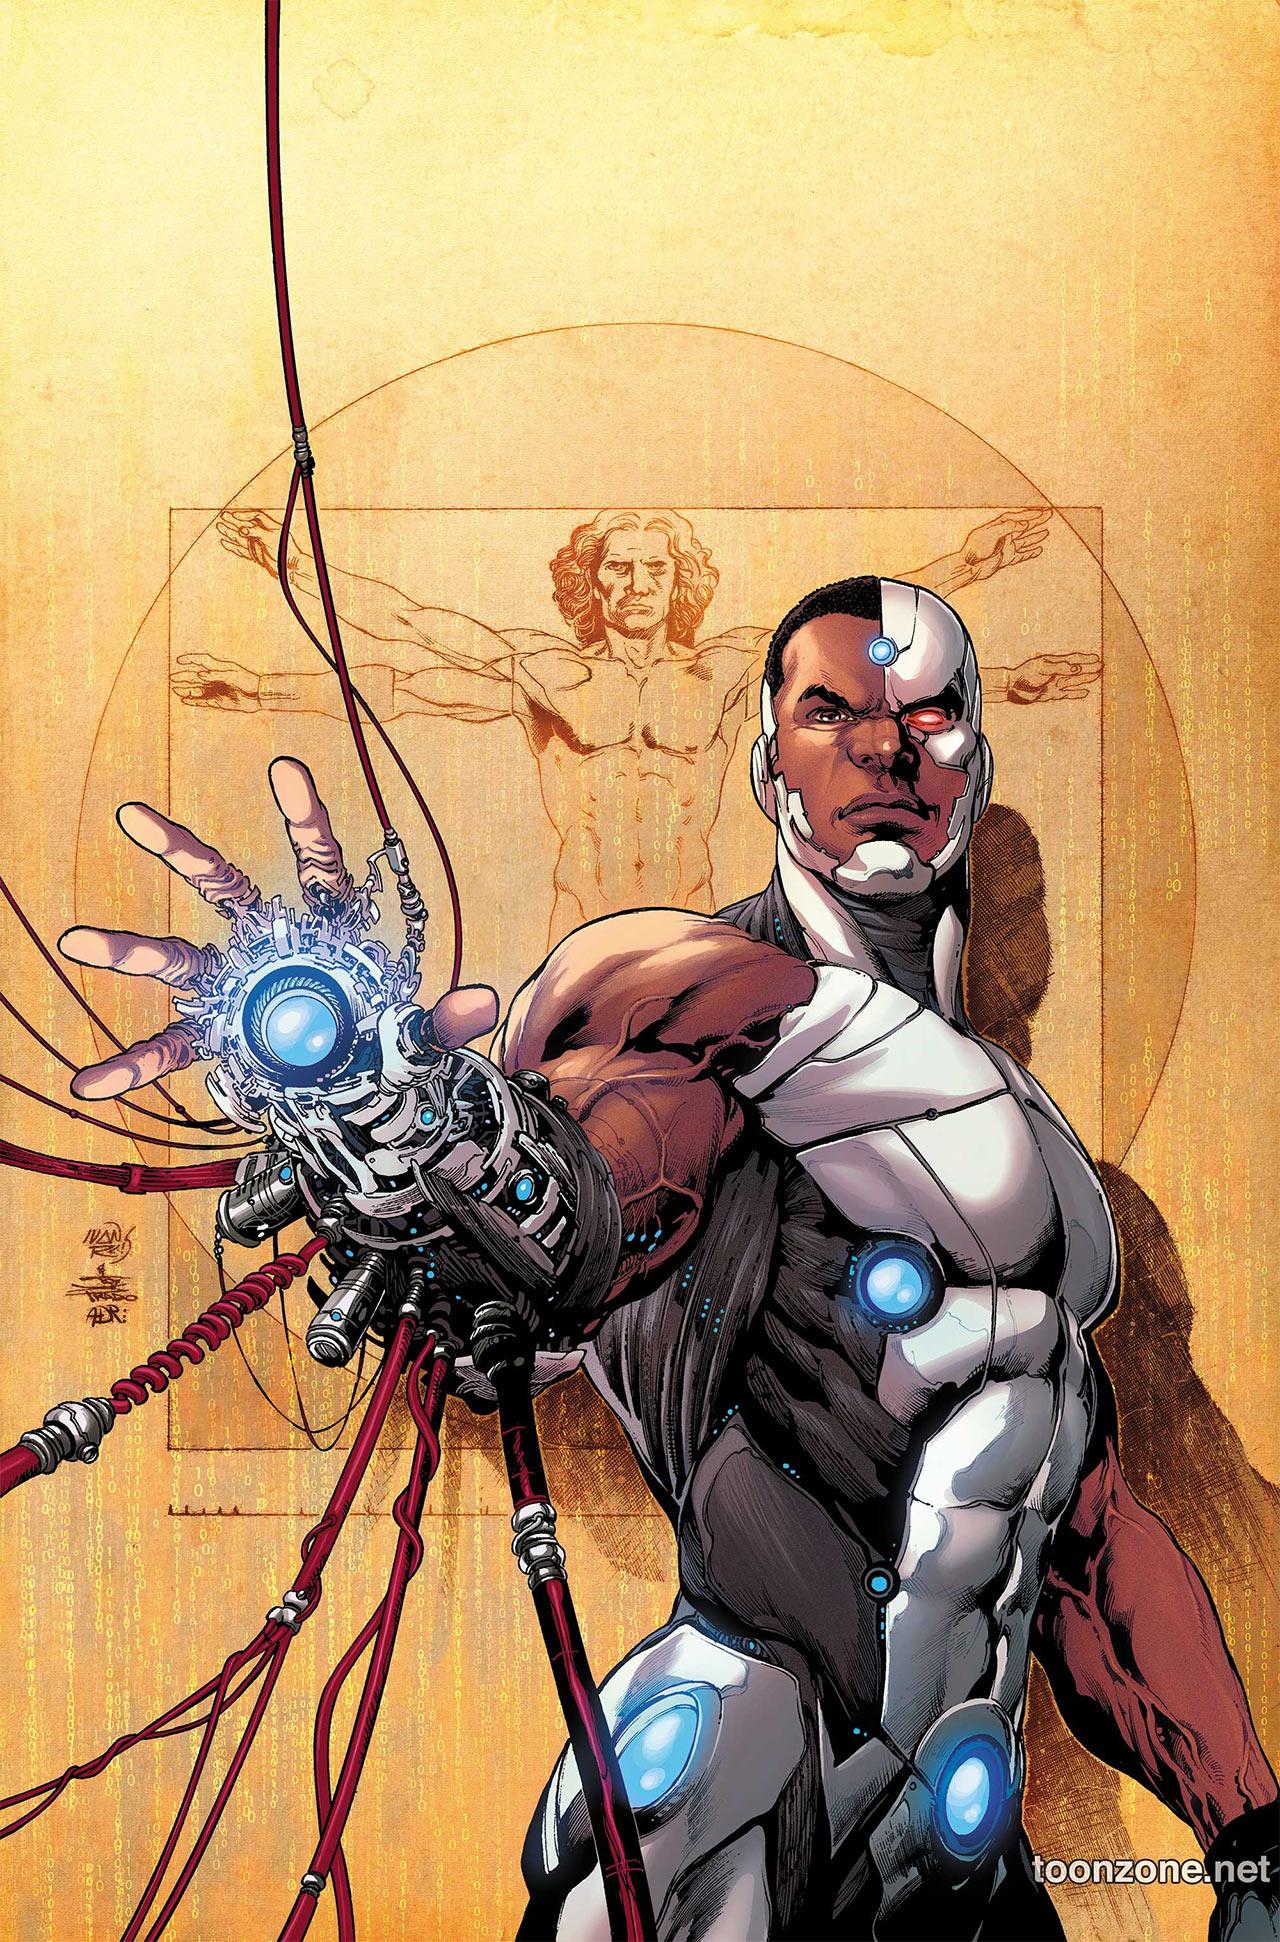 Cyborg Cómics DC Comics Victor Stone